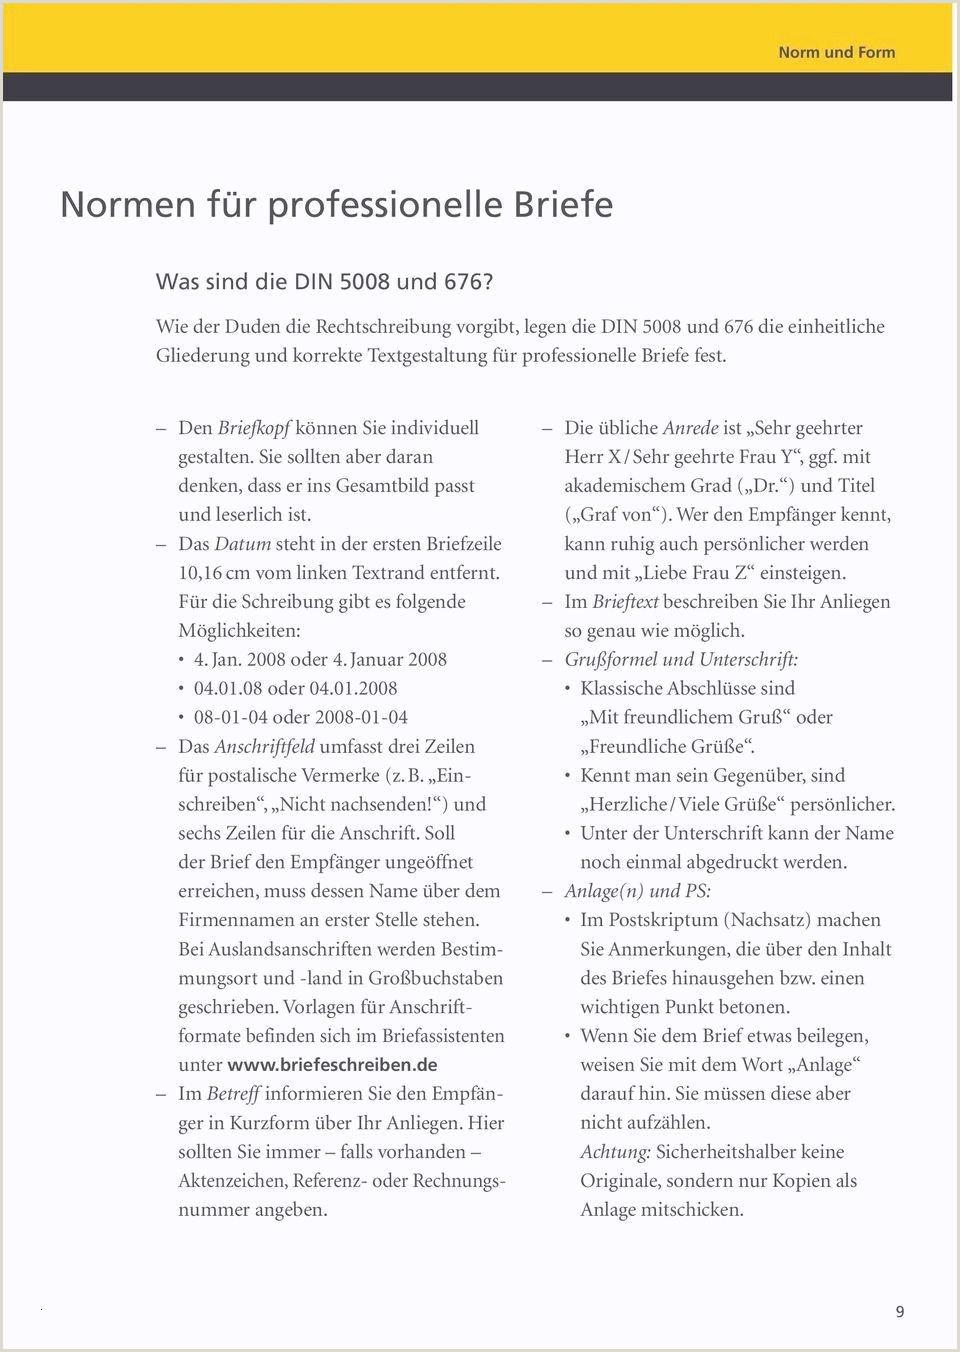 Lebenslauf Muster Handschriftlich 15 Handschriftlicher Lebenslauf Tabellarisch